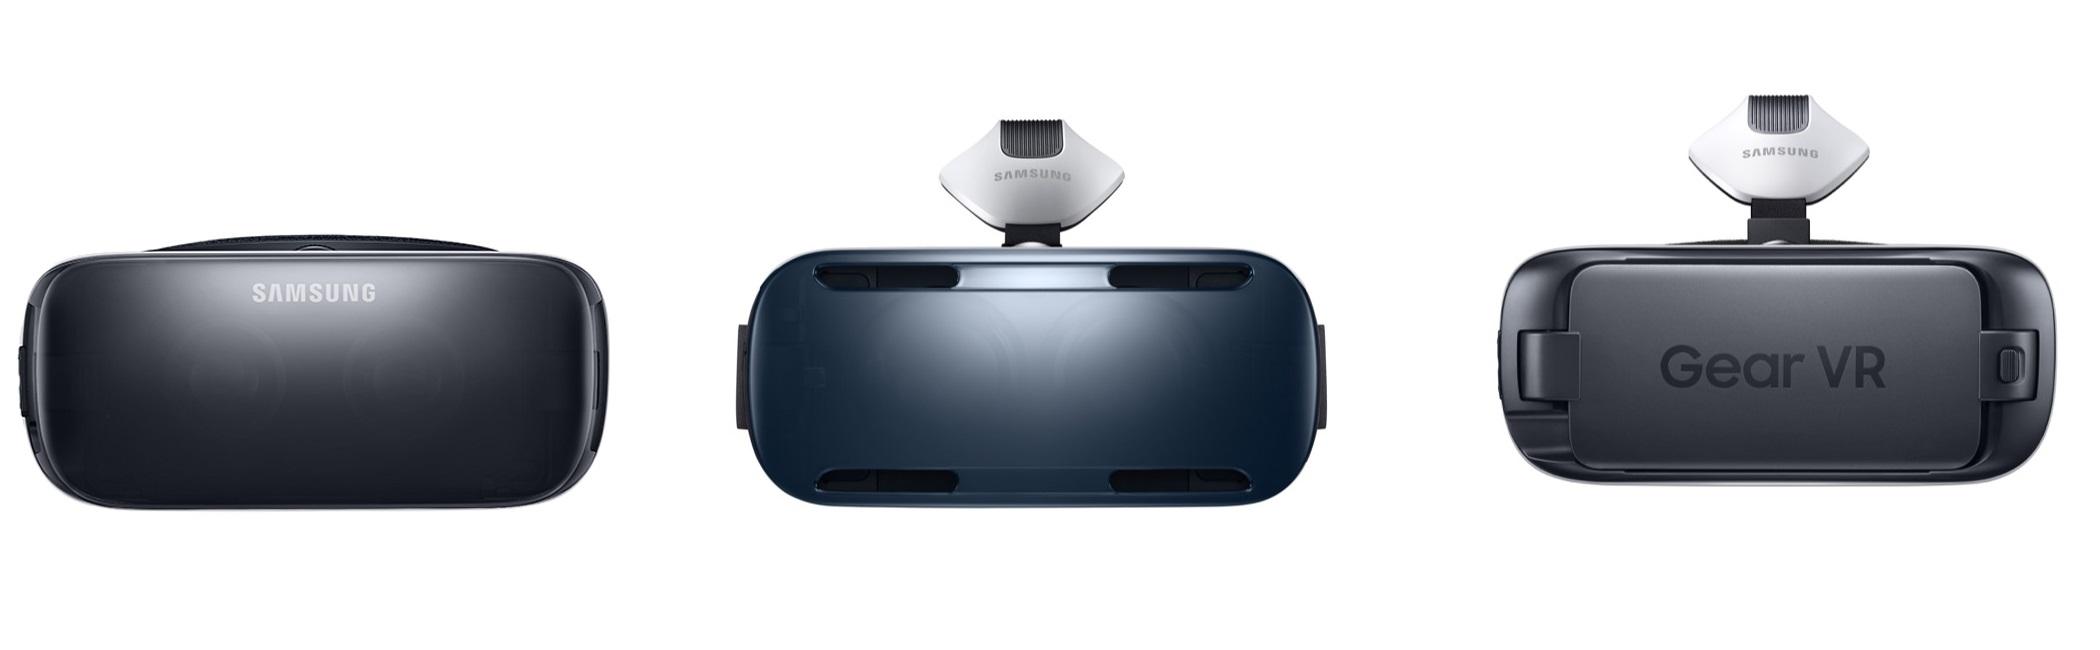 Le Samsung Gear VR a un million d'utilisateurs mensuels